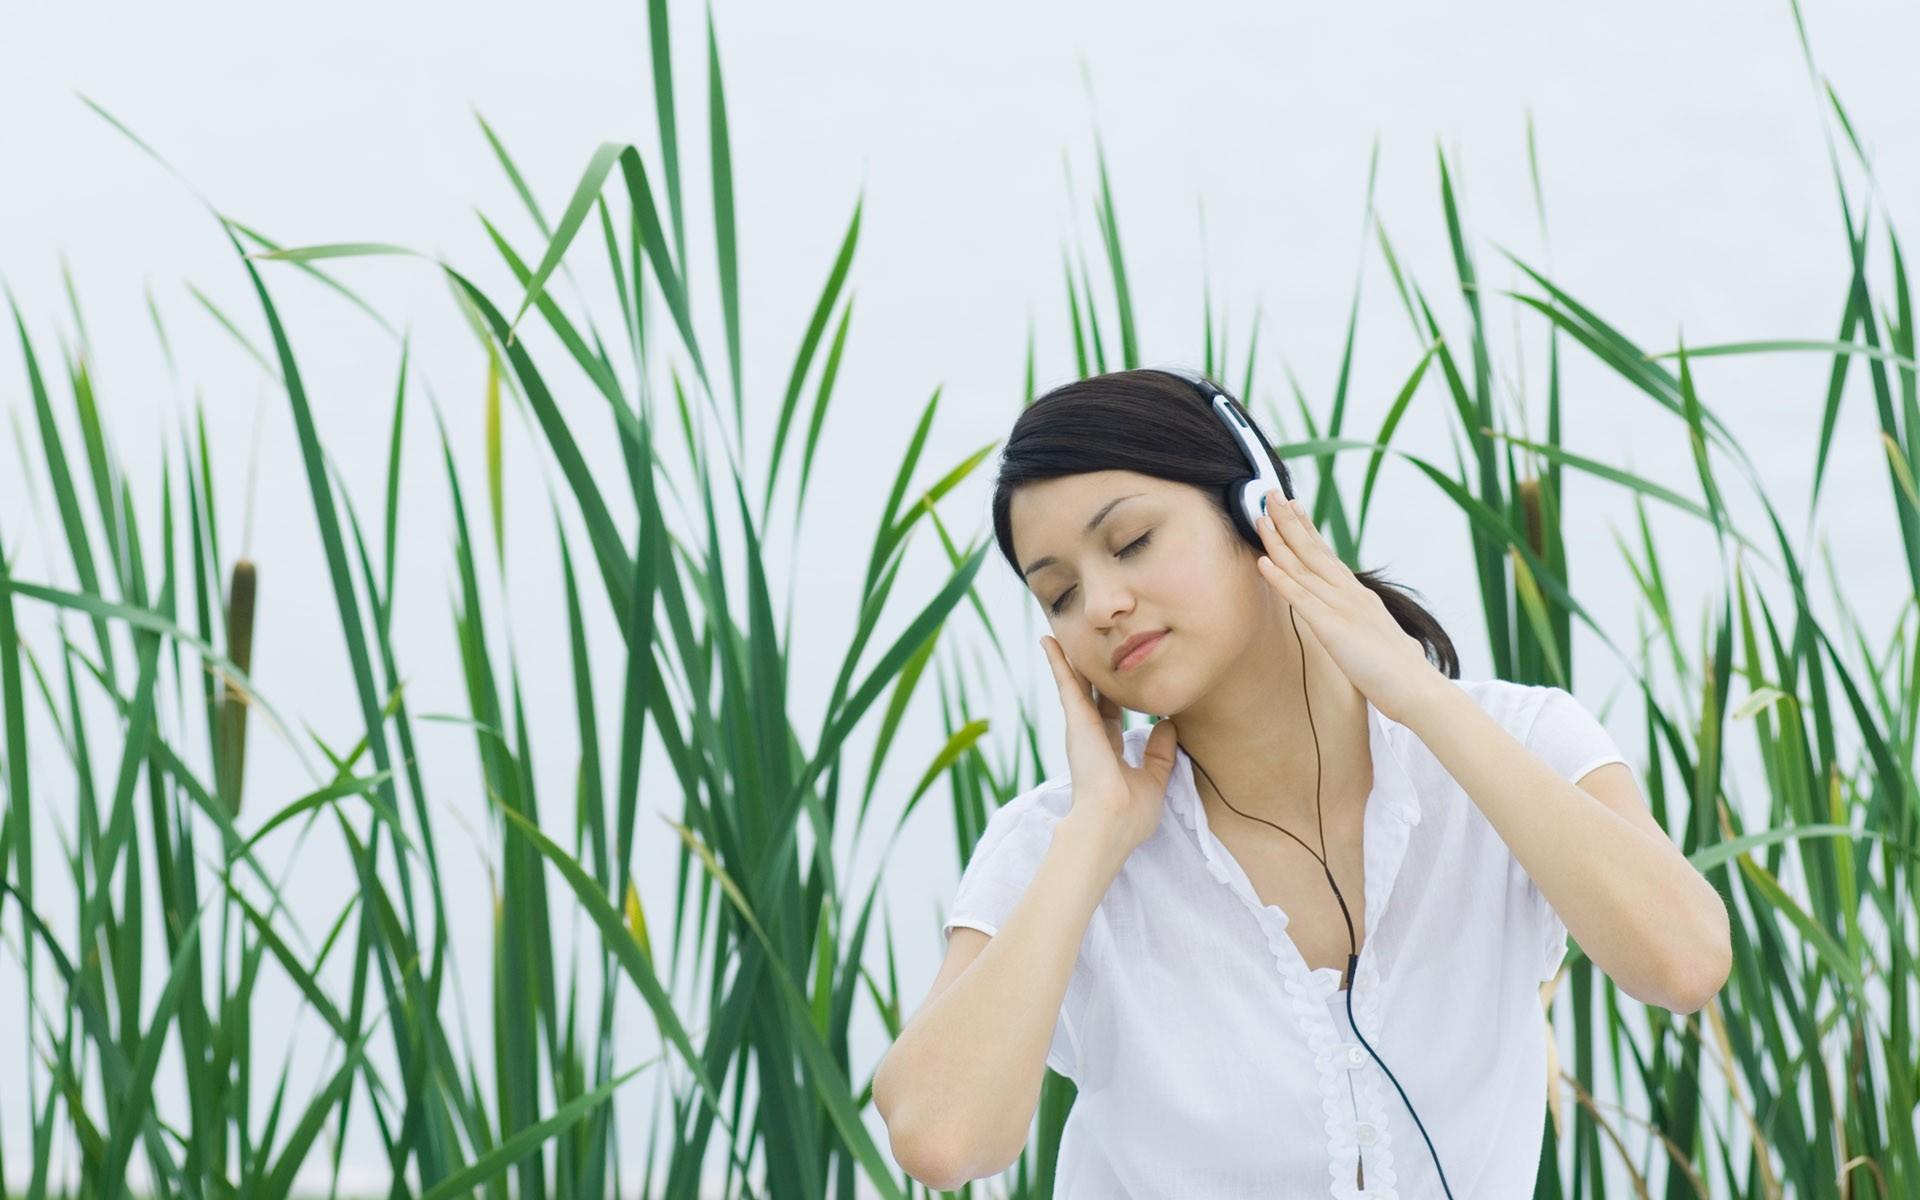 Chica escuchando música - 1920x1200